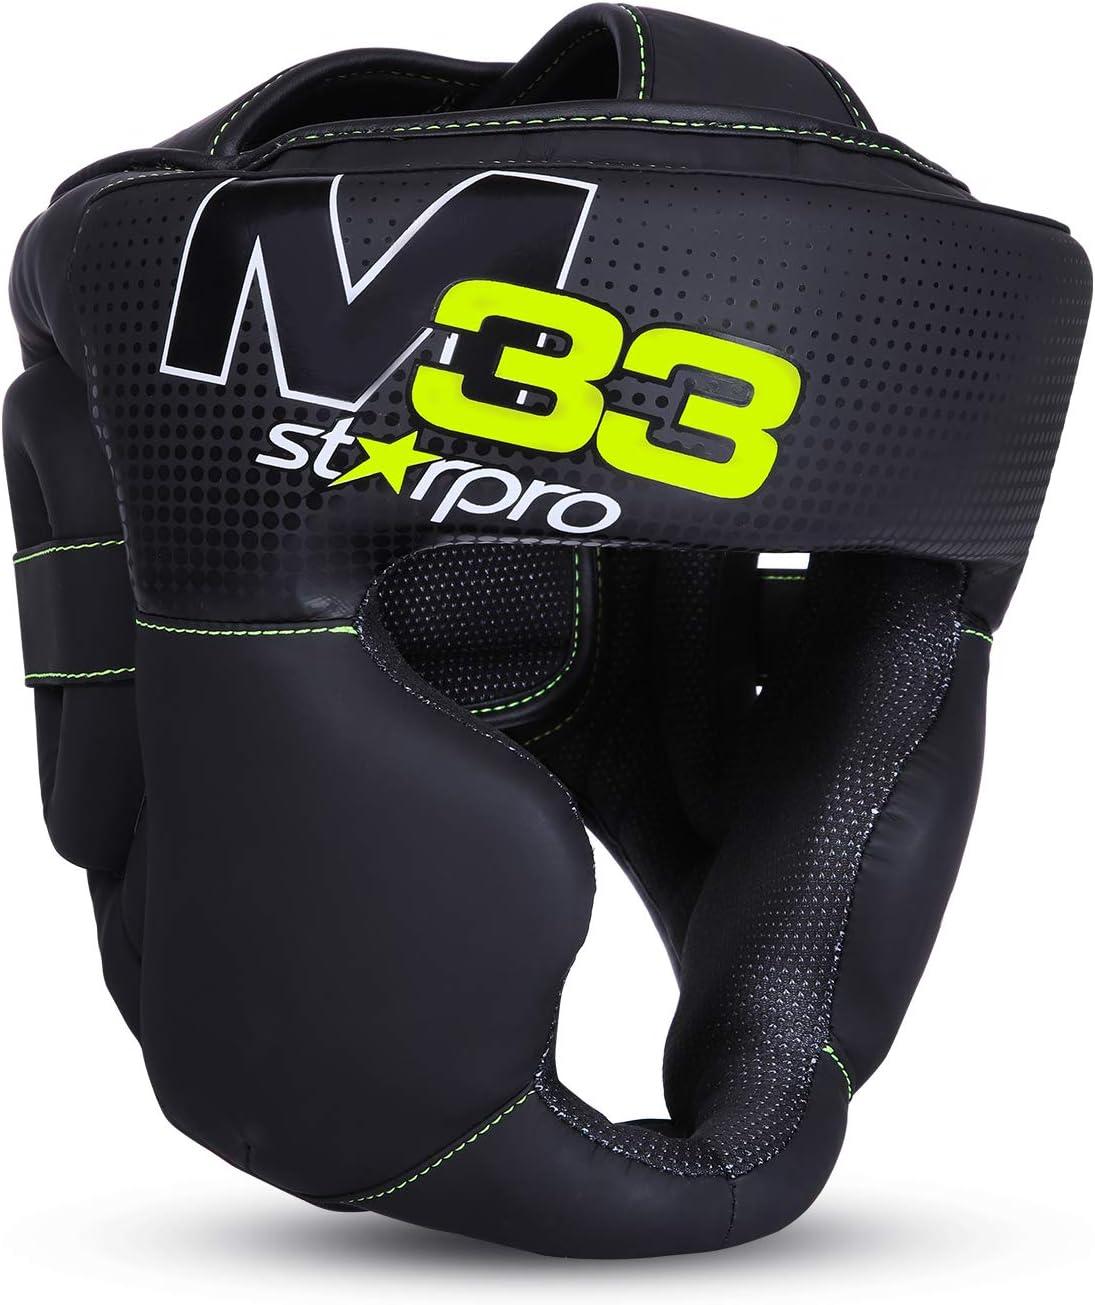 Starpro M33 Casco Boxeo | Cuero sintético Mate | Negro y Verde | Protección para la Cabeza y Las mejillas para Sparring en Boxeo Muay Thai Kickboxing Fighting & Training | Hombres y Mujeres